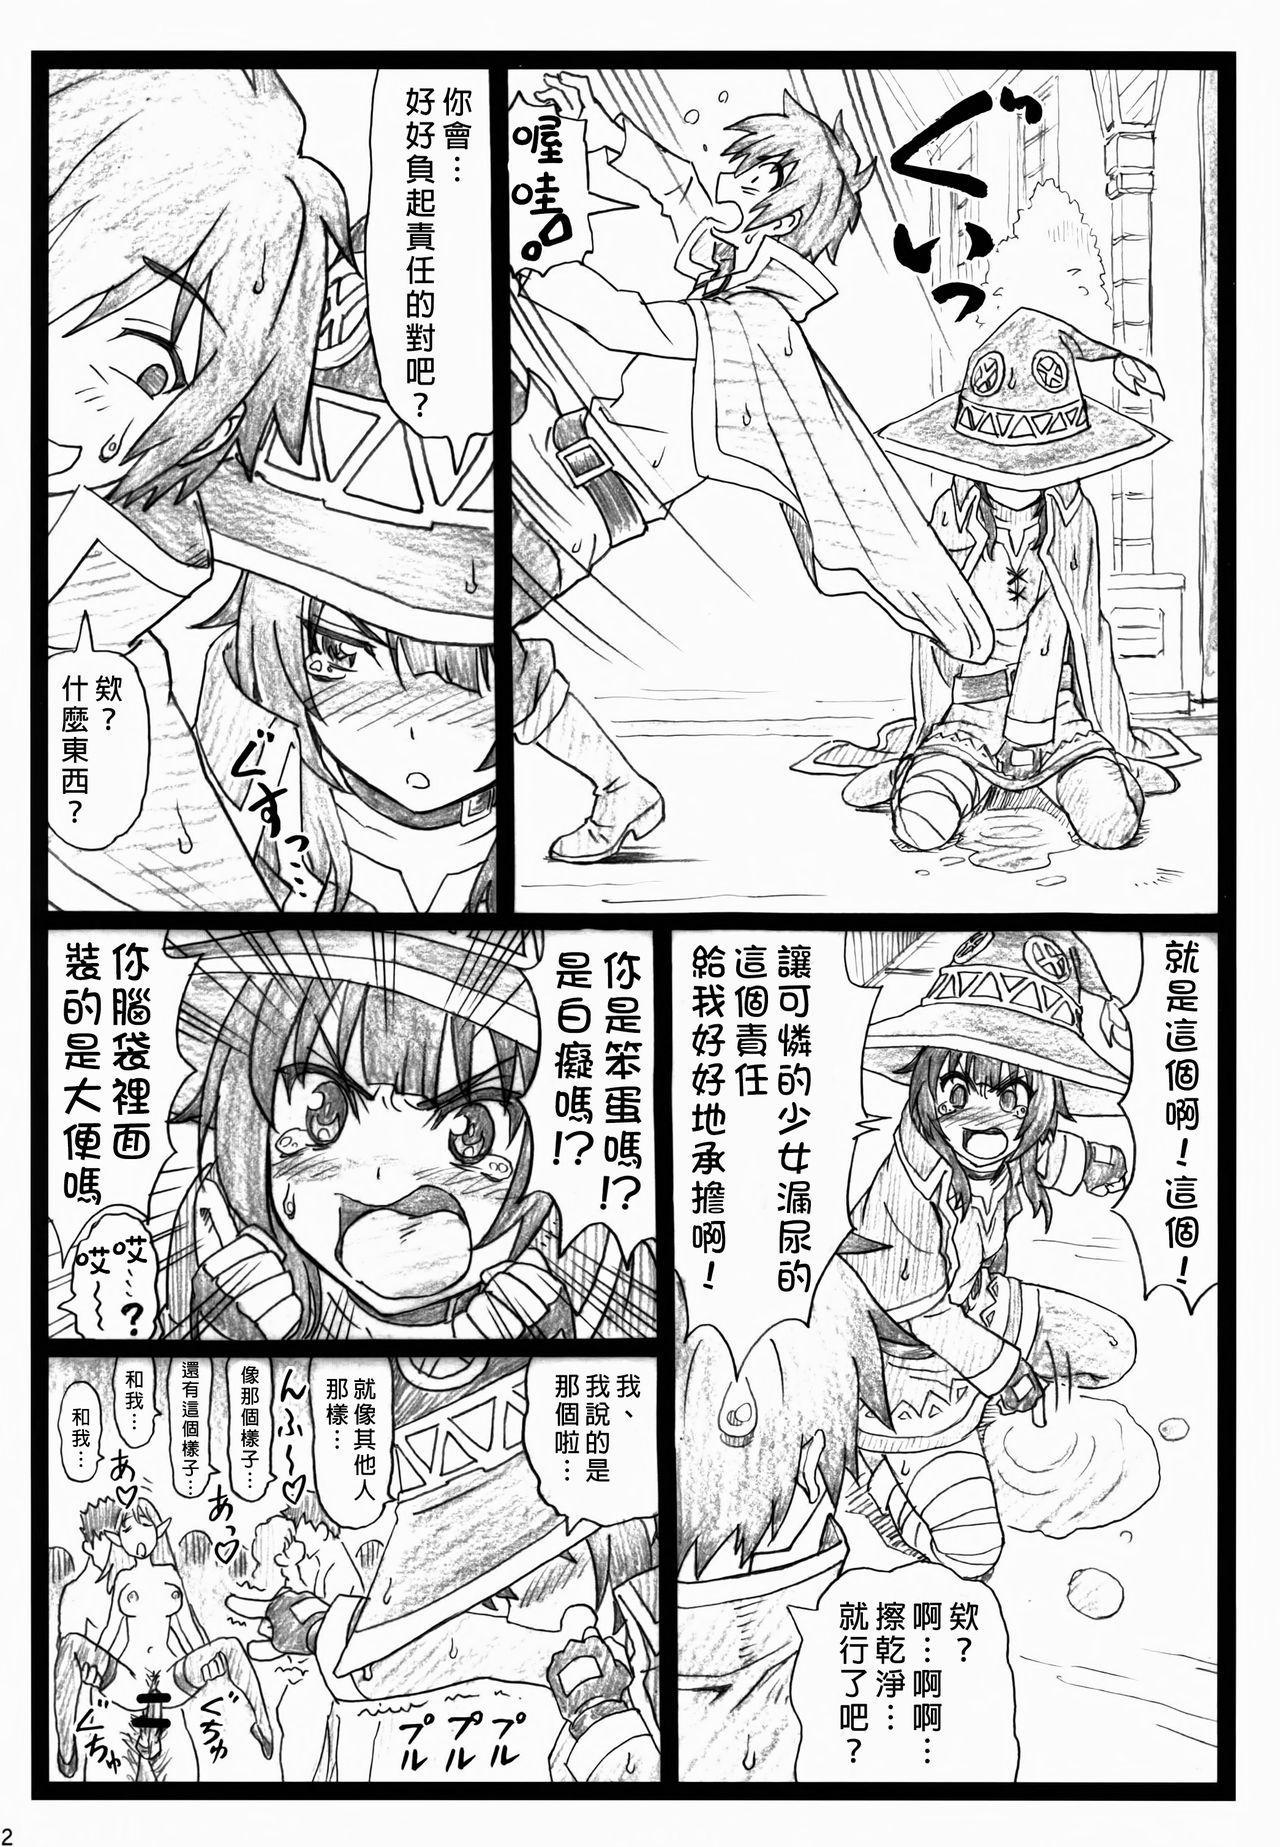 Majisuba 11